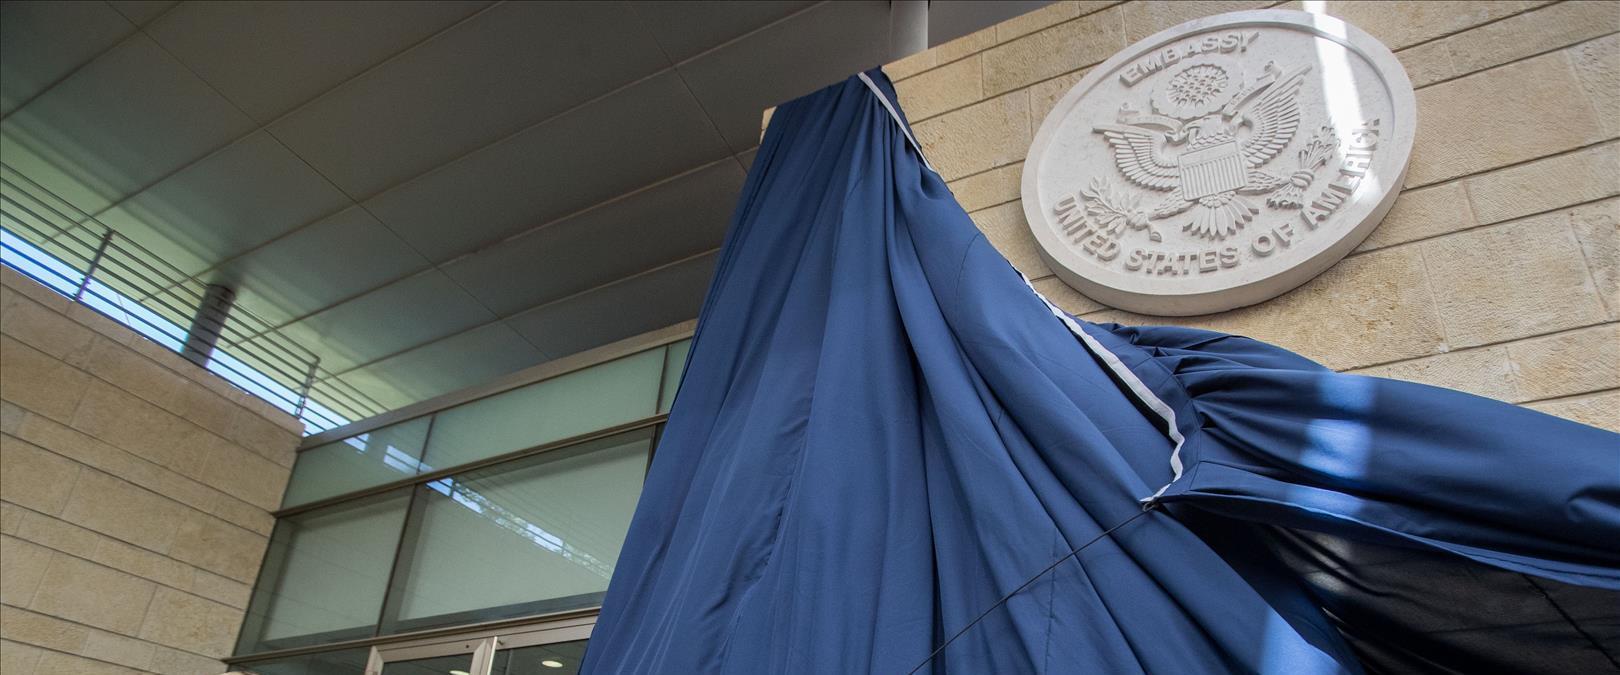 """הסרת הלוט מעל שלט שגרירות ארה""""ב בירושלים"""